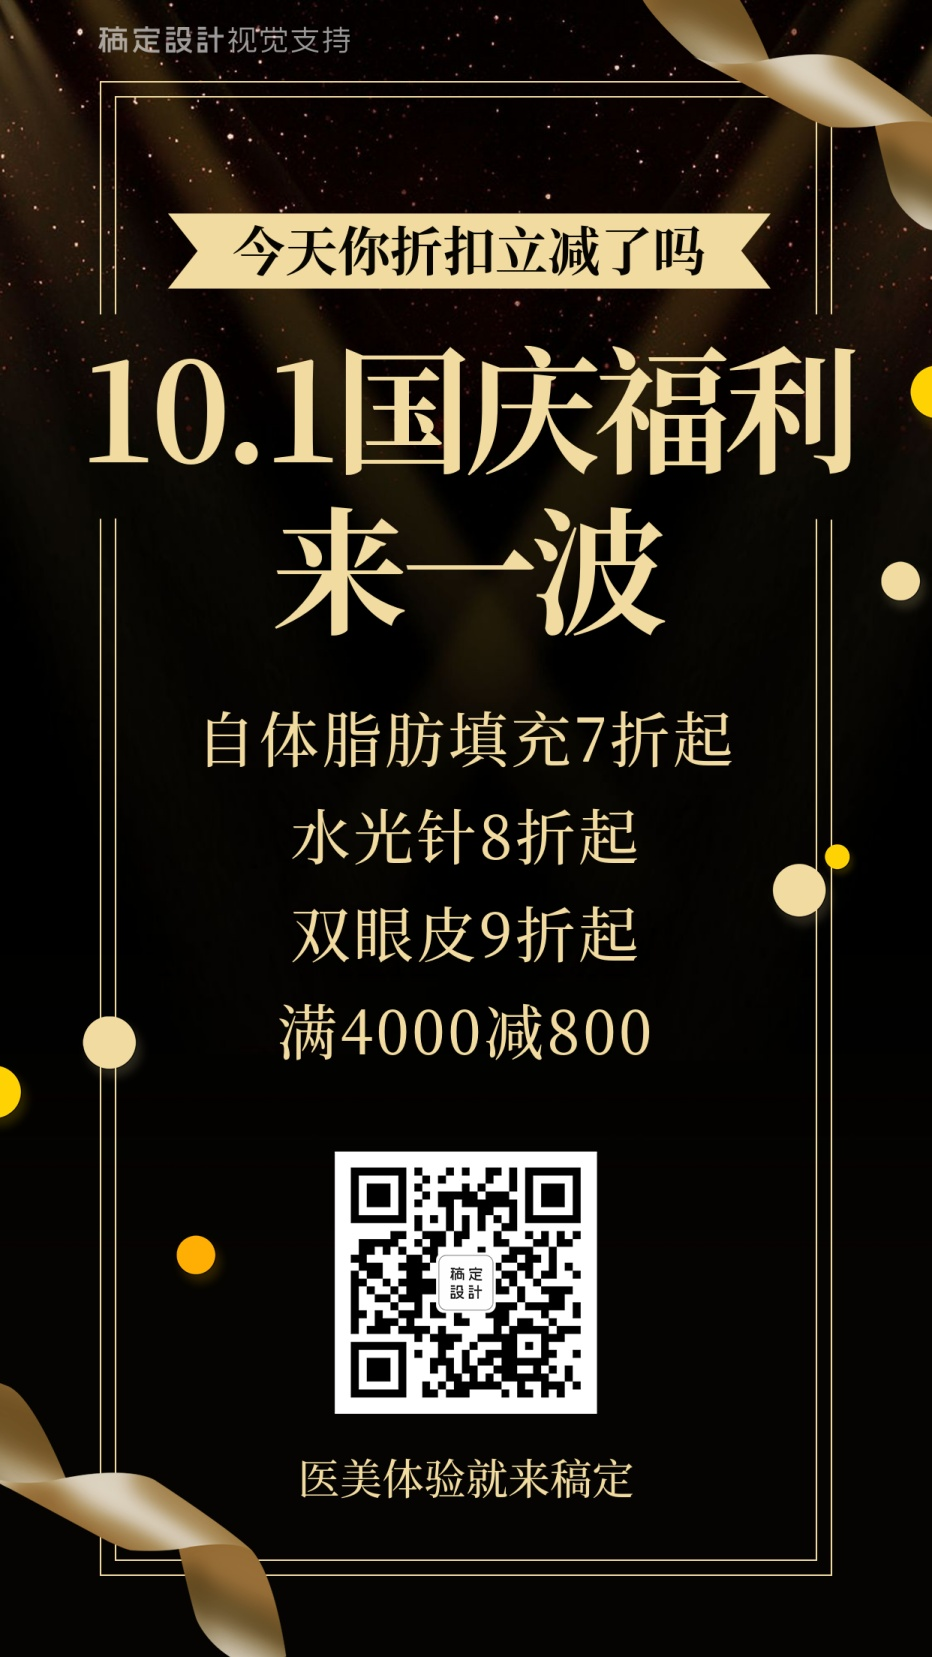 国庆医美活动促销宣传海报